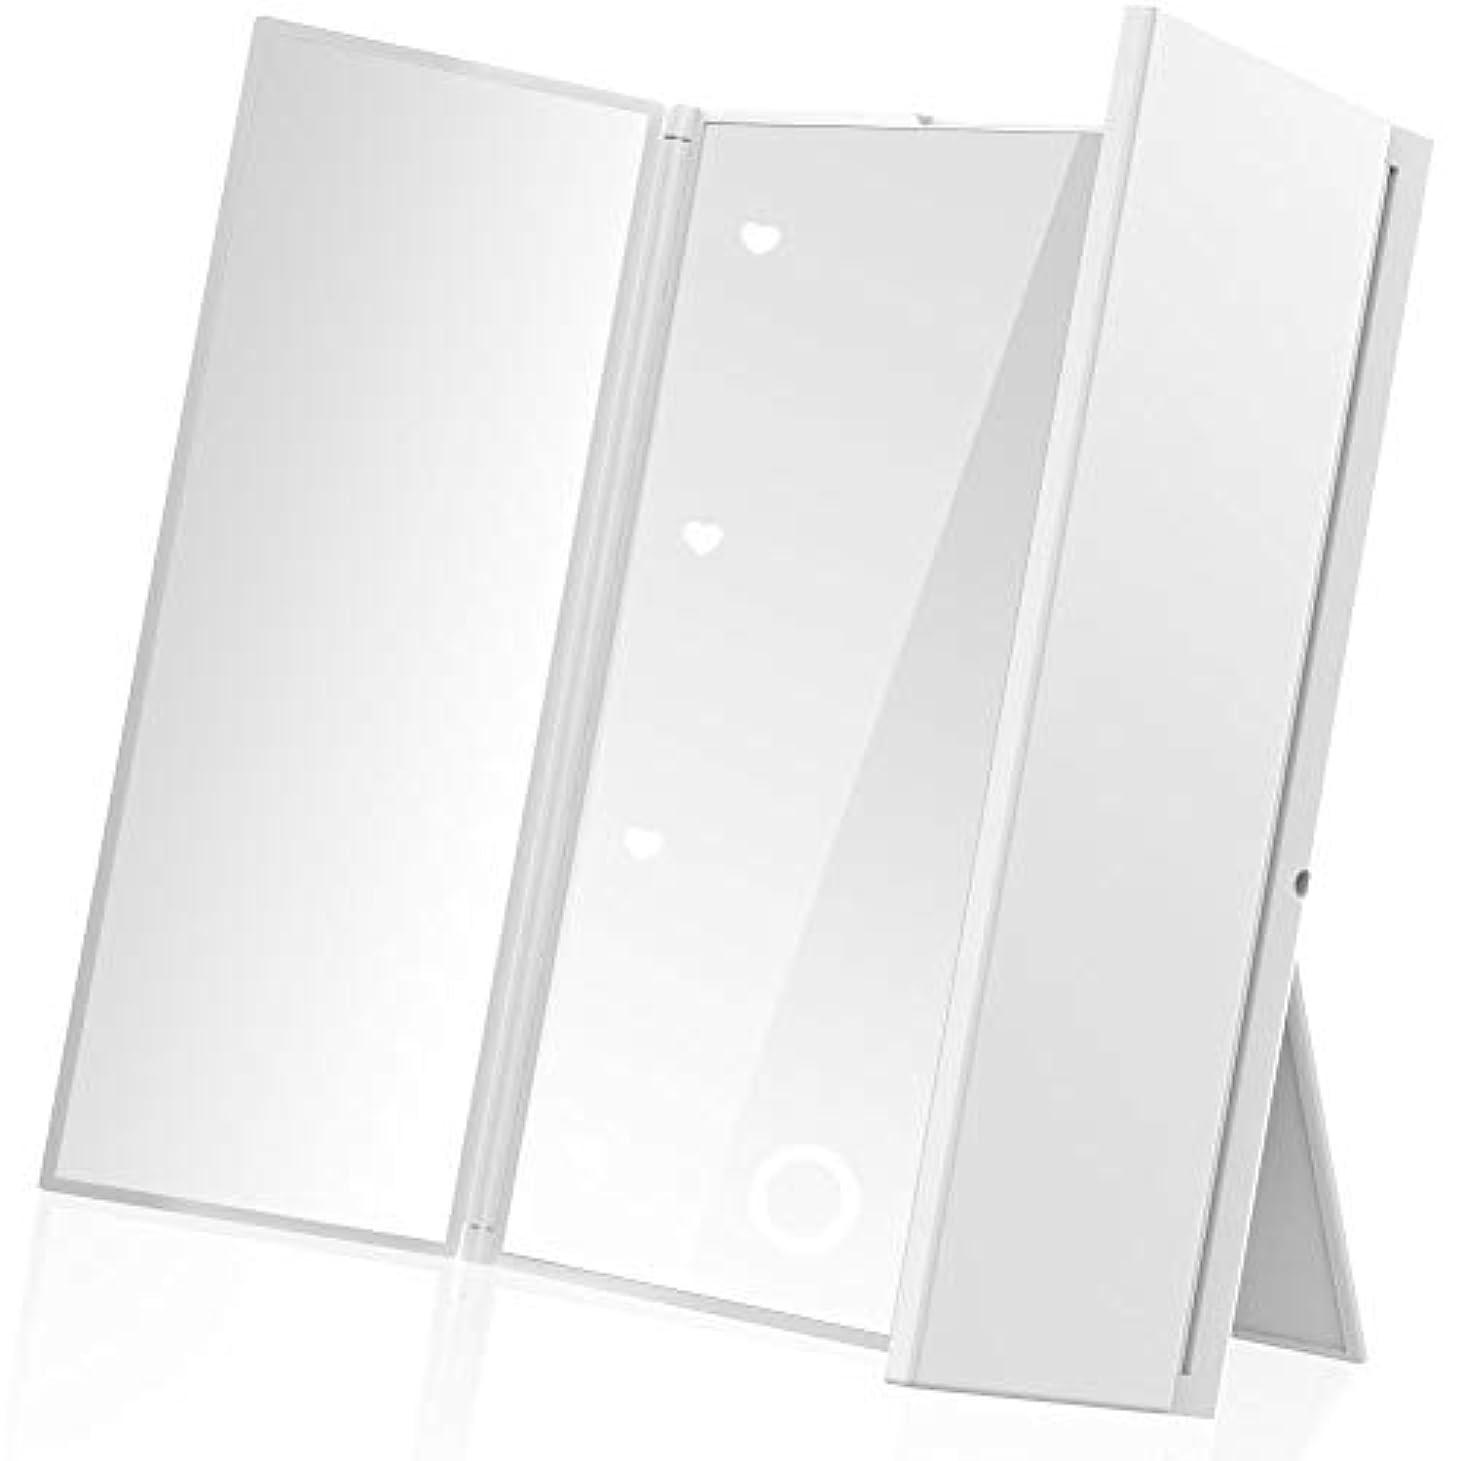 妻支払う主にLEEPWEI 鏡 卓上 スタンドミラー 三面鏡 化粧鏡 メイクミラー折りたたみ式 コンパックトLEDライト付き 電池型 持ち運び便利 (ホワイト)